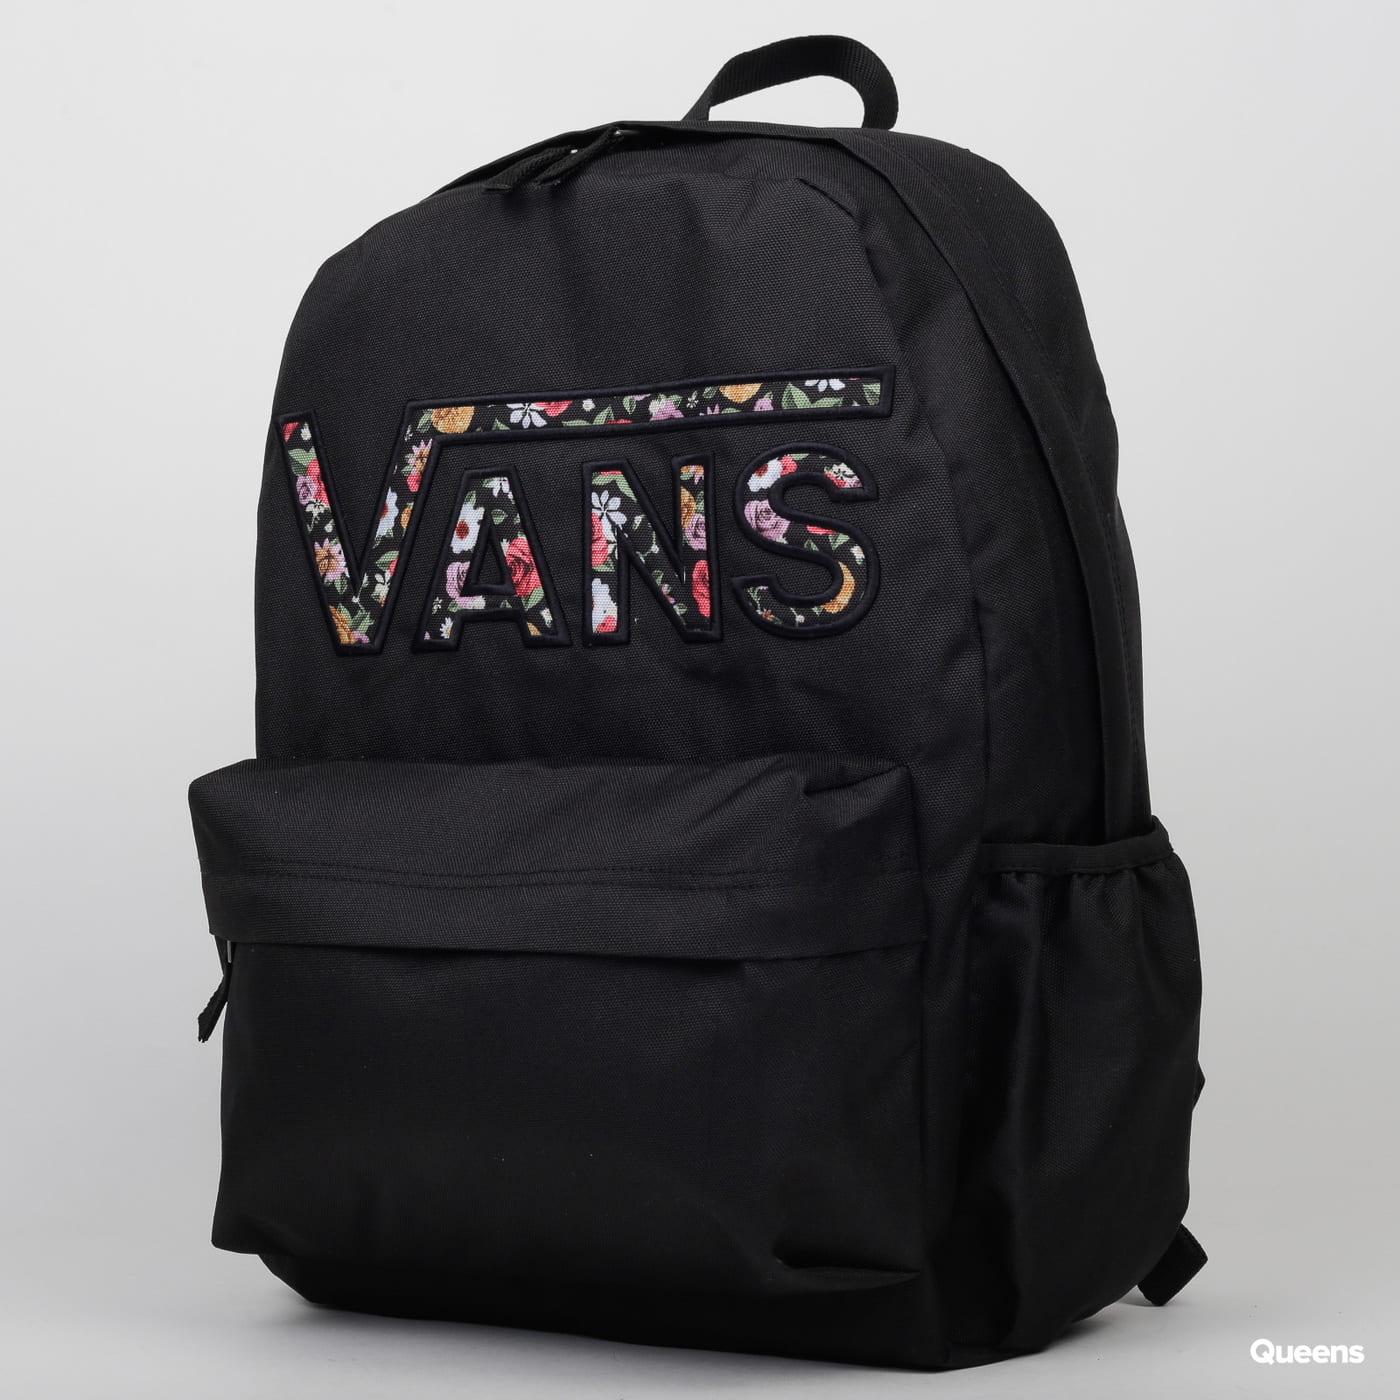 Batoh Vans WM Realm Flying V Backpack (VN0A3UI8YGL1